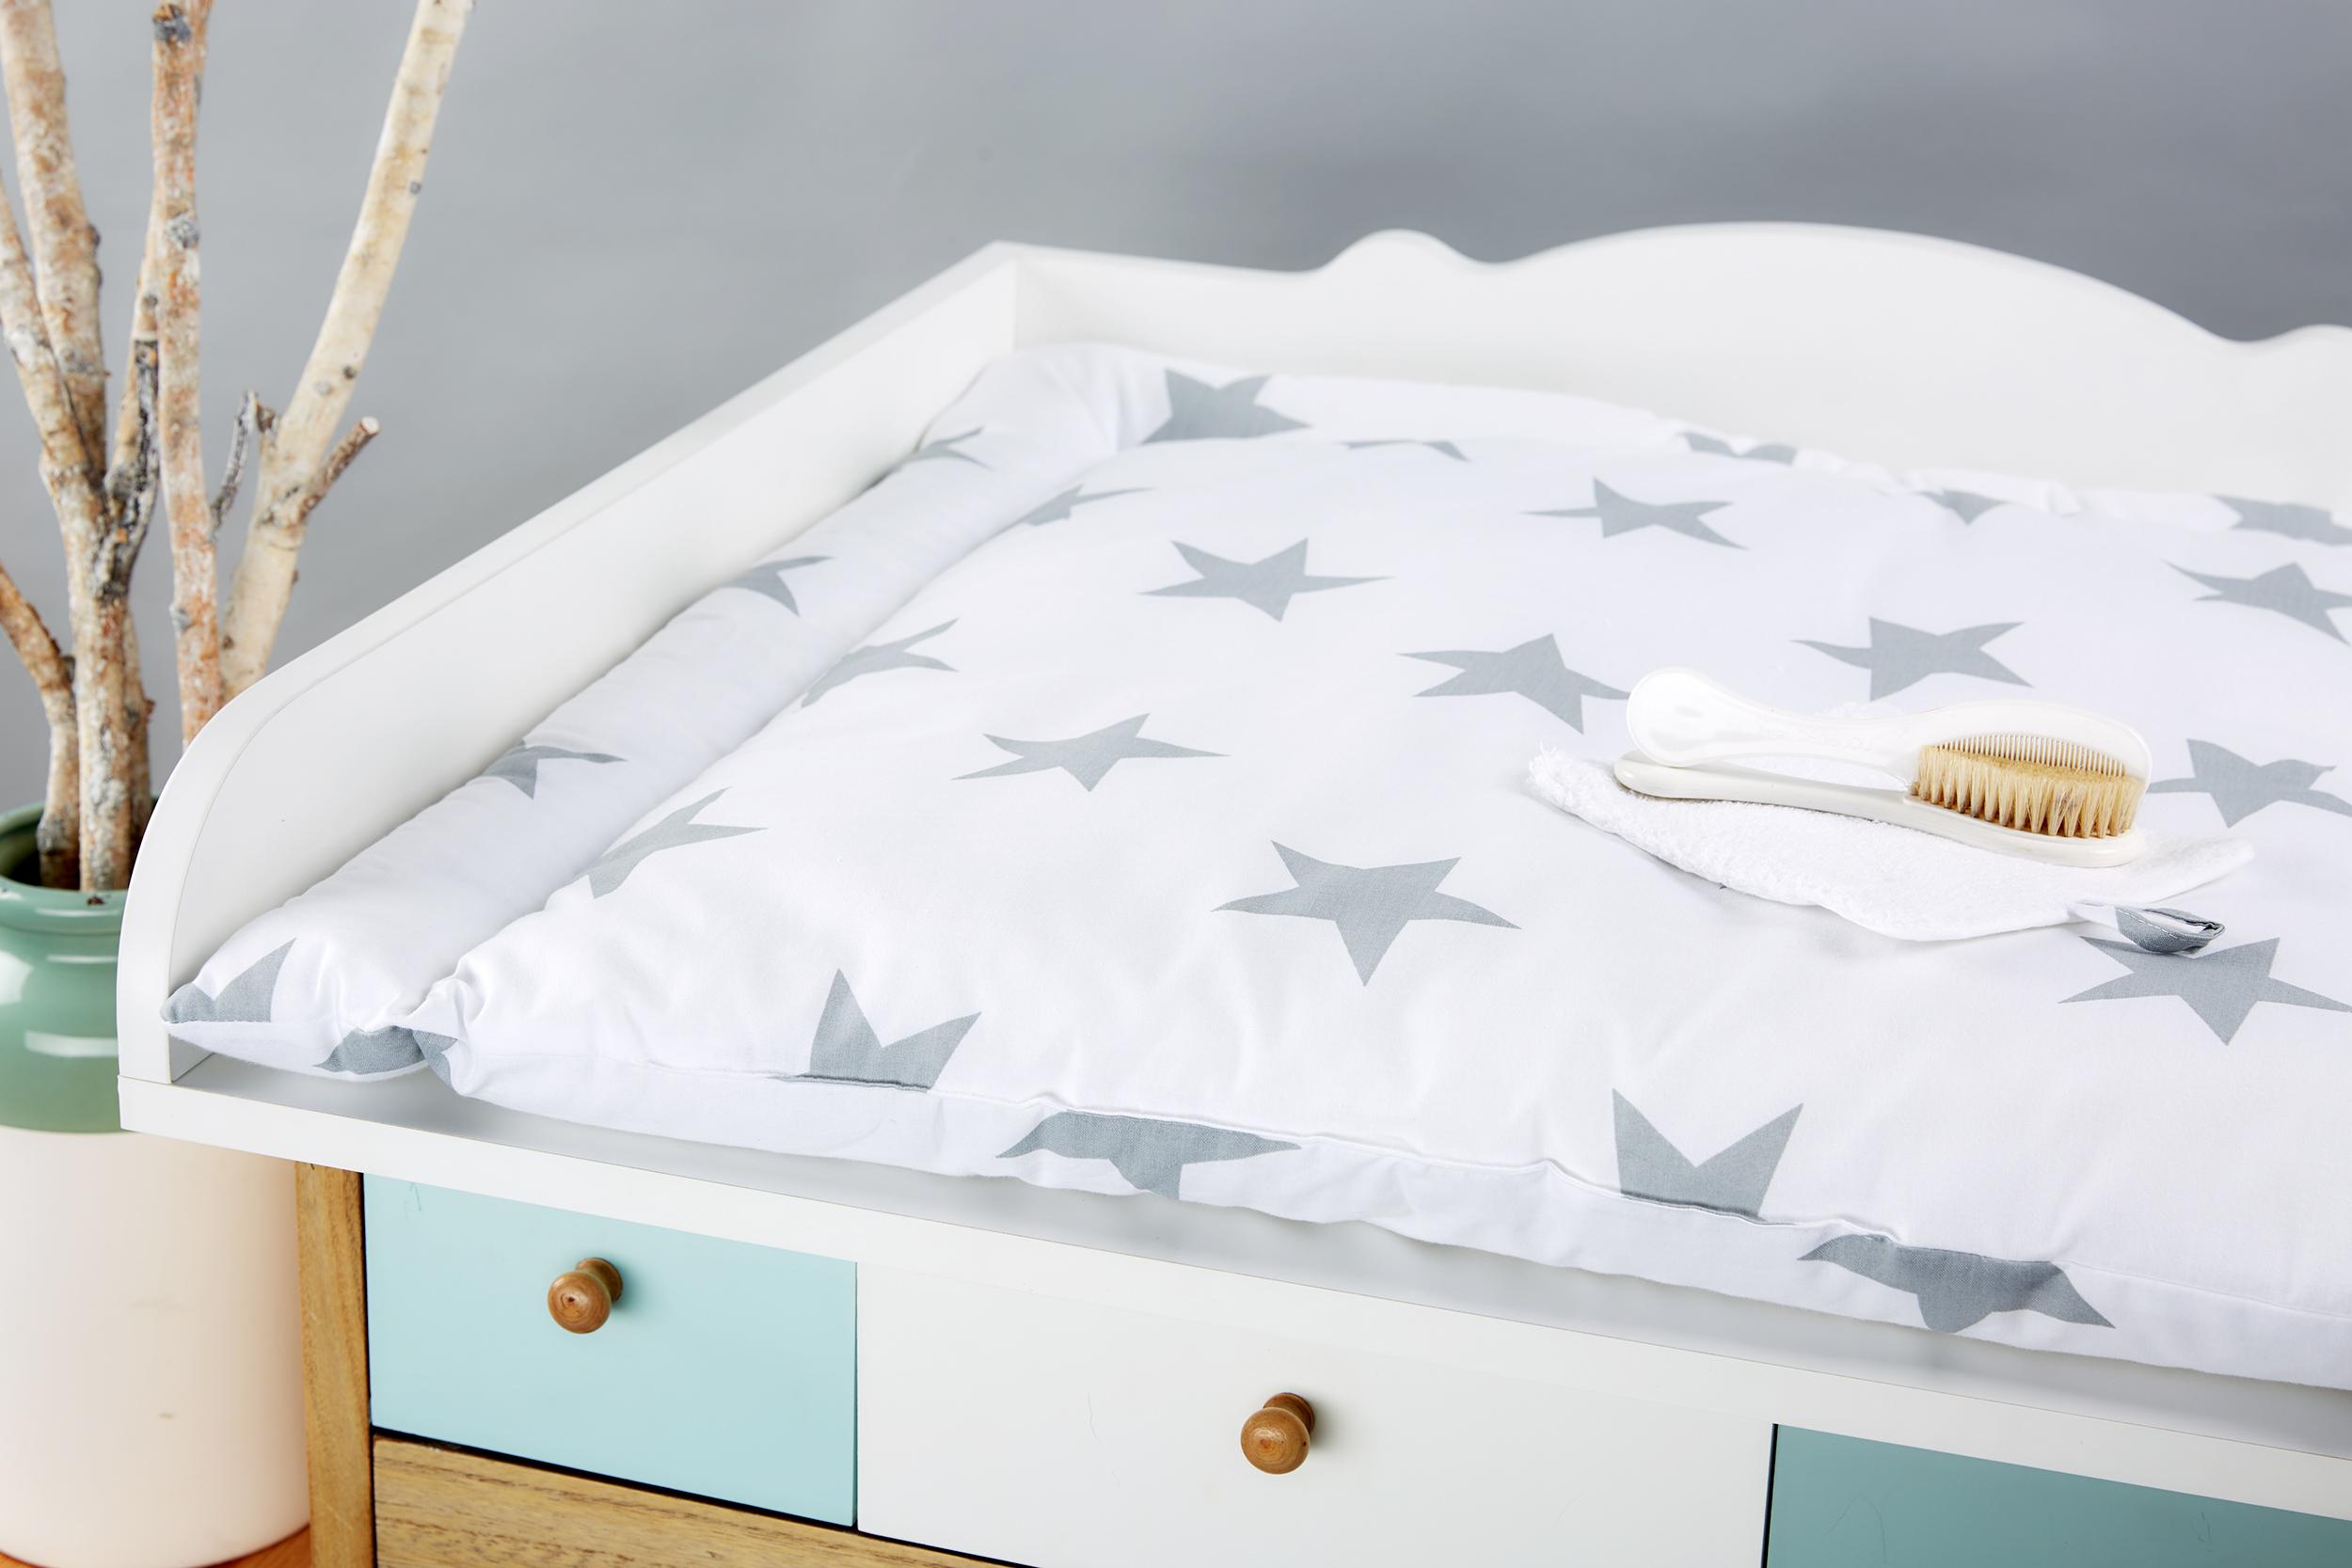 kraftkids wickelauflage gro e graue sterne auf weiss 85 cm breit x 75 cm tief. Black Bedroom Furniture Sets. Home Design Ideas